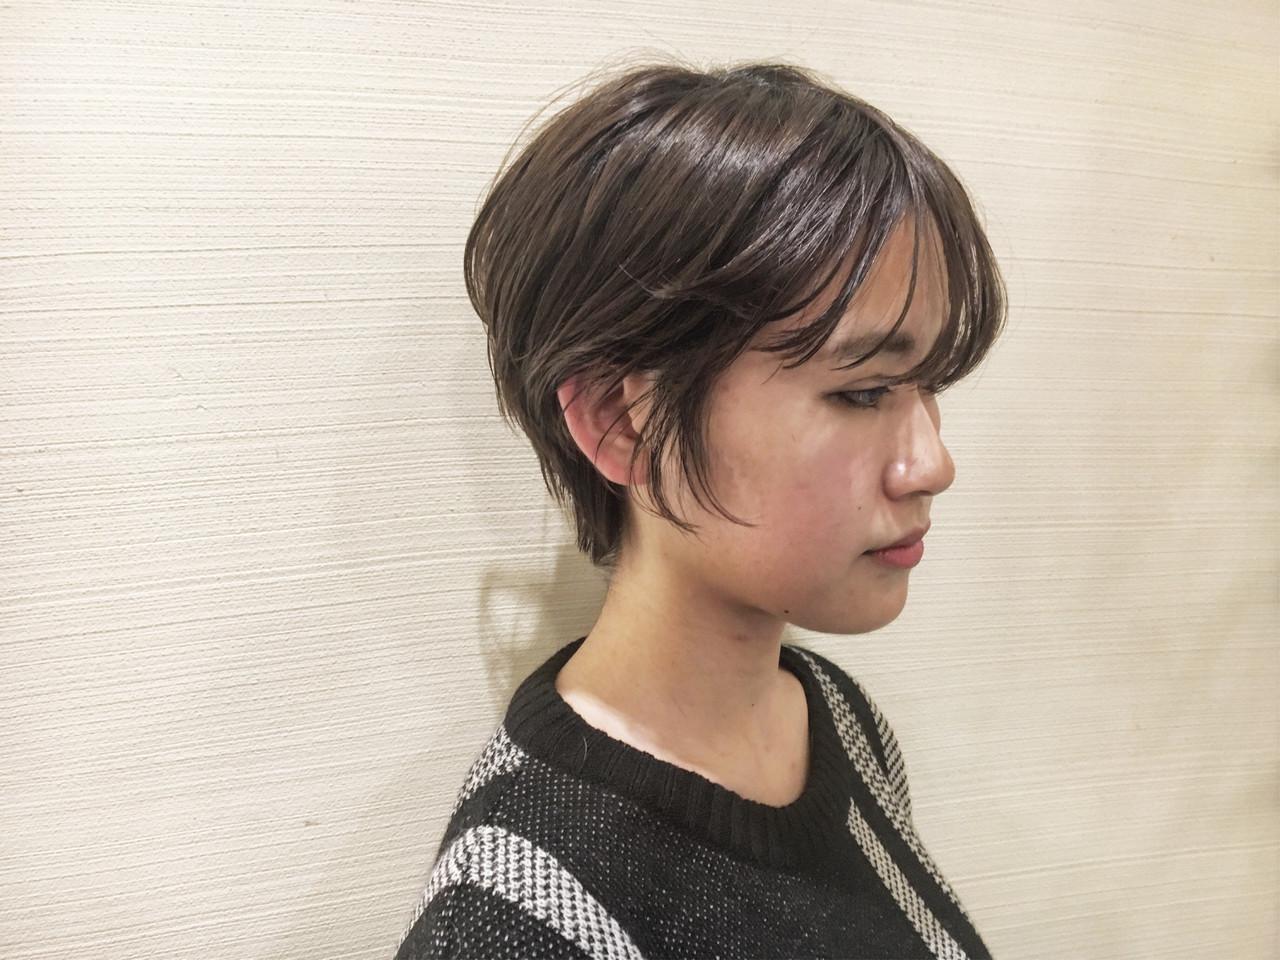 スポーツ ナチュラル デート ショート ヘアスタイルや髪型の写真・画像 | 京都/片山 勇馬/ショート / snob